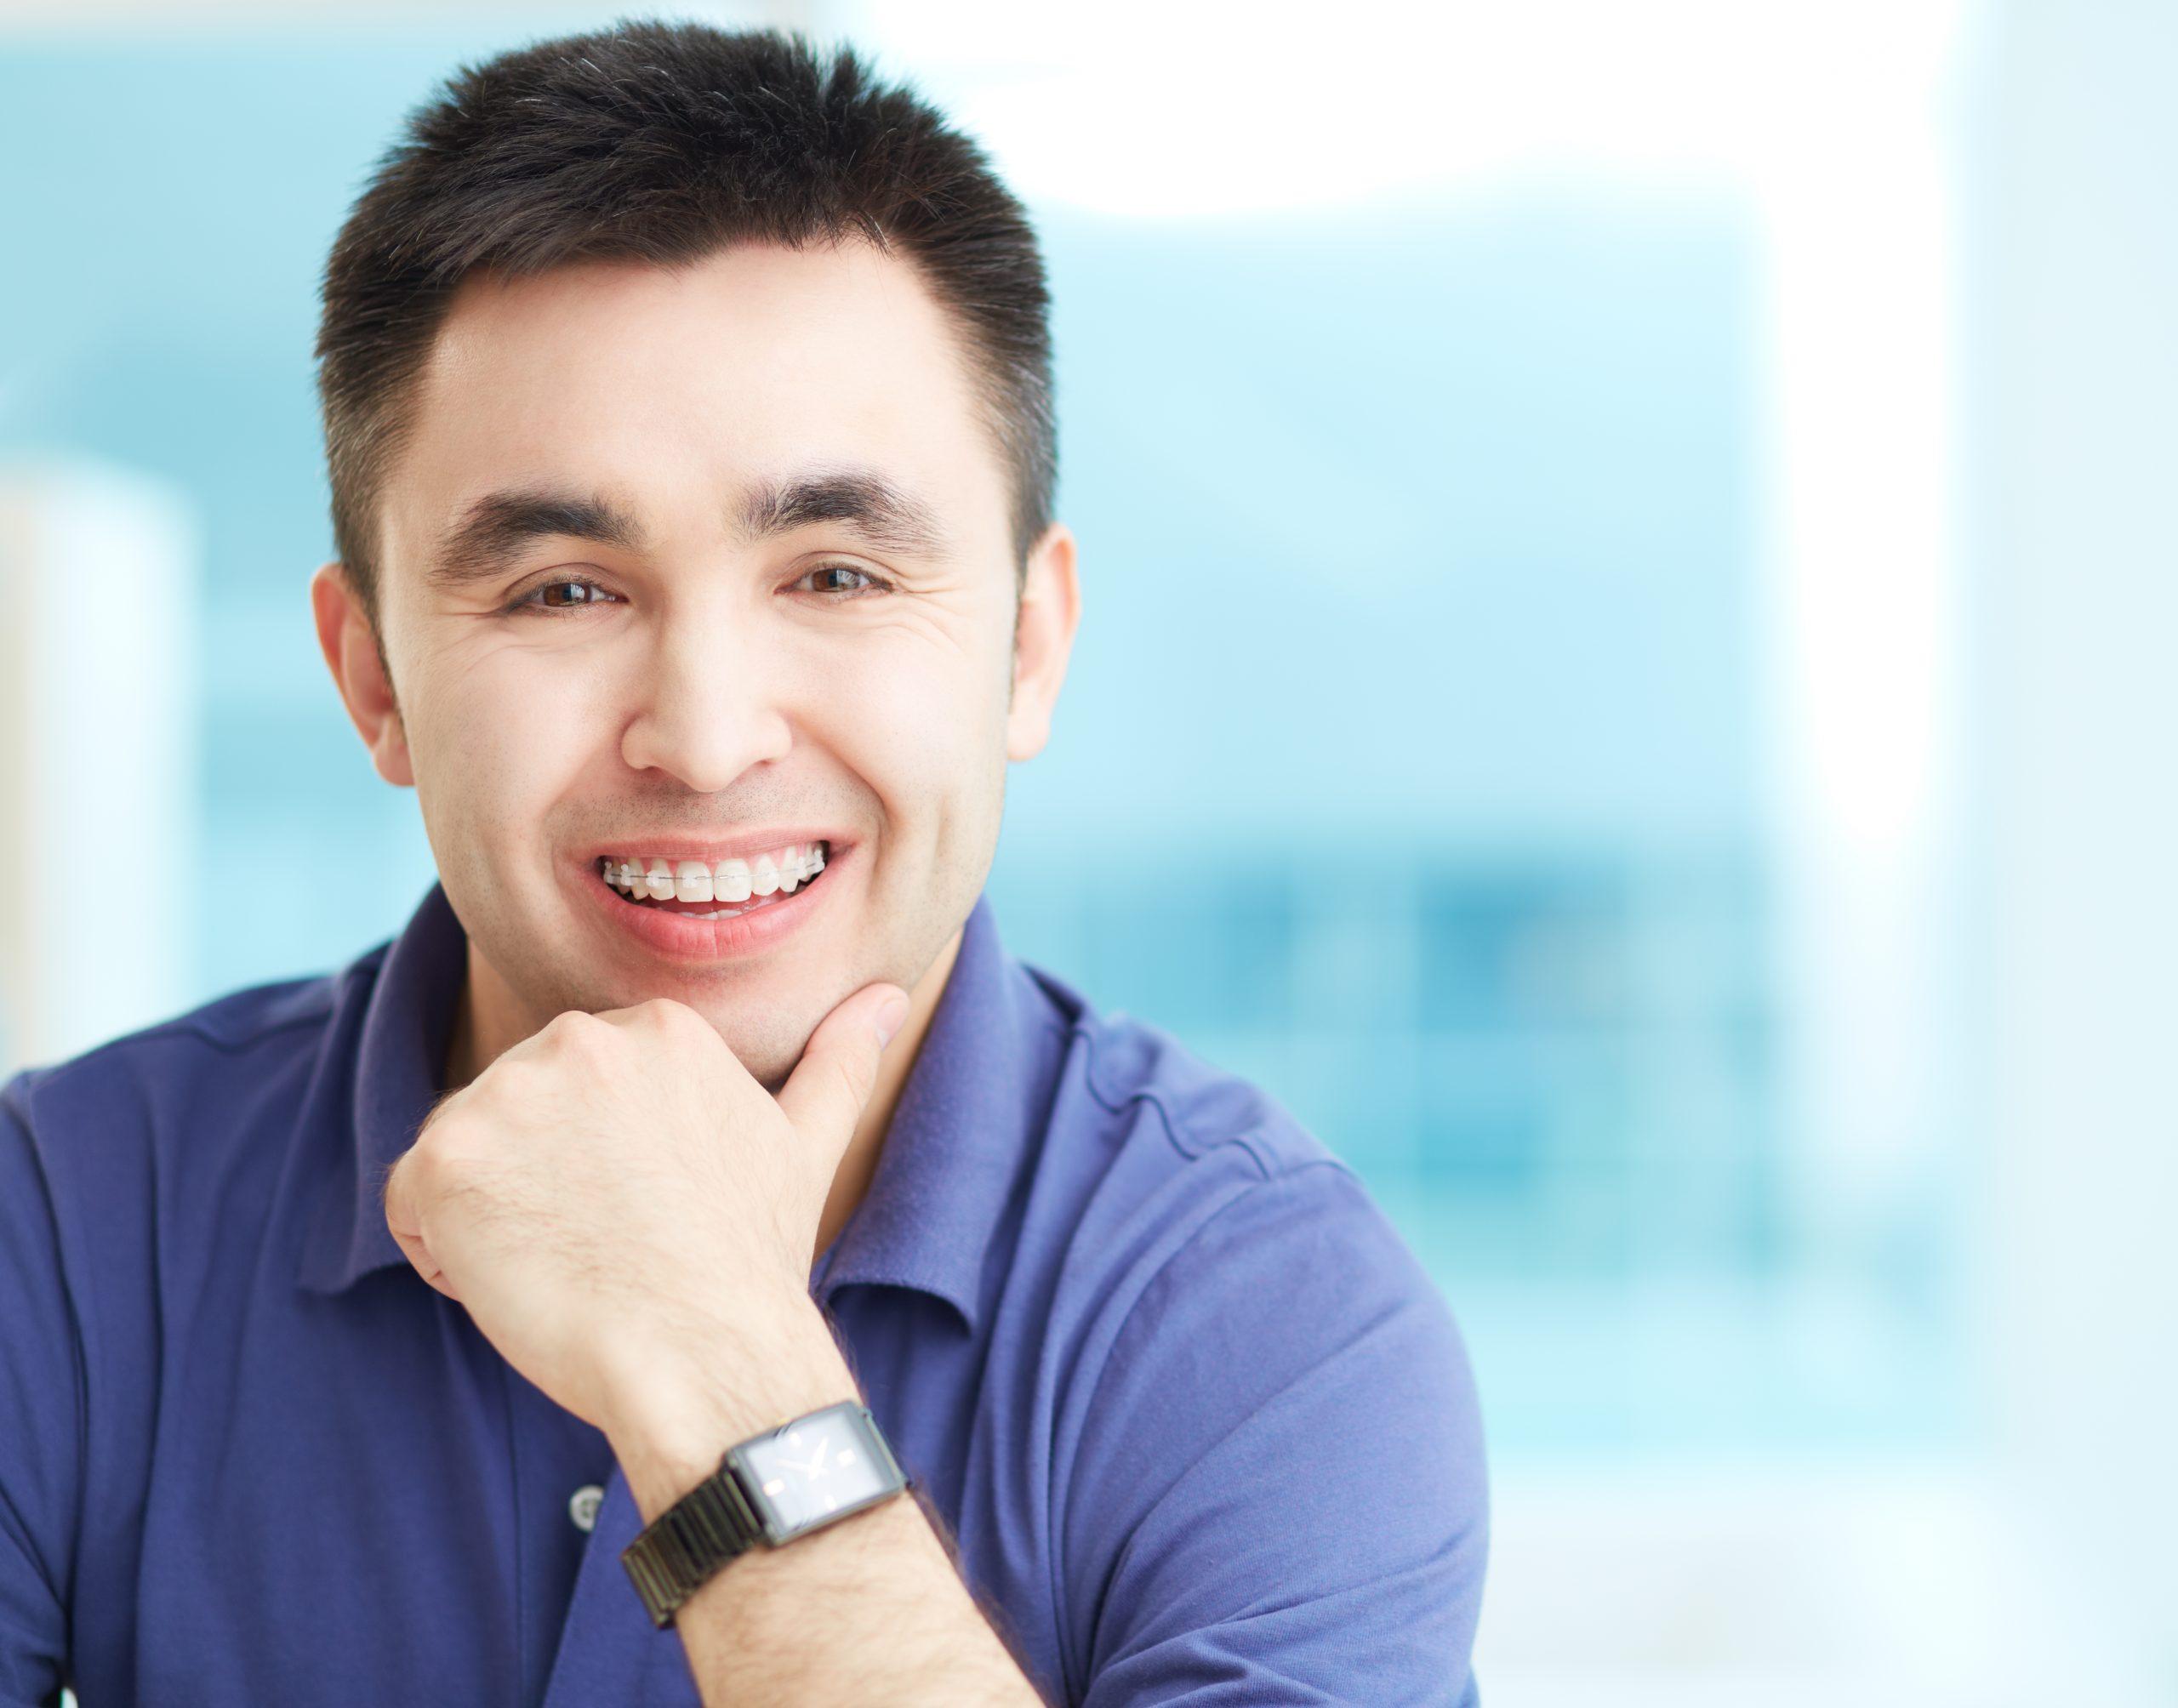 fixed braces adult orthodontics treatment at Roseneath Orthodontics